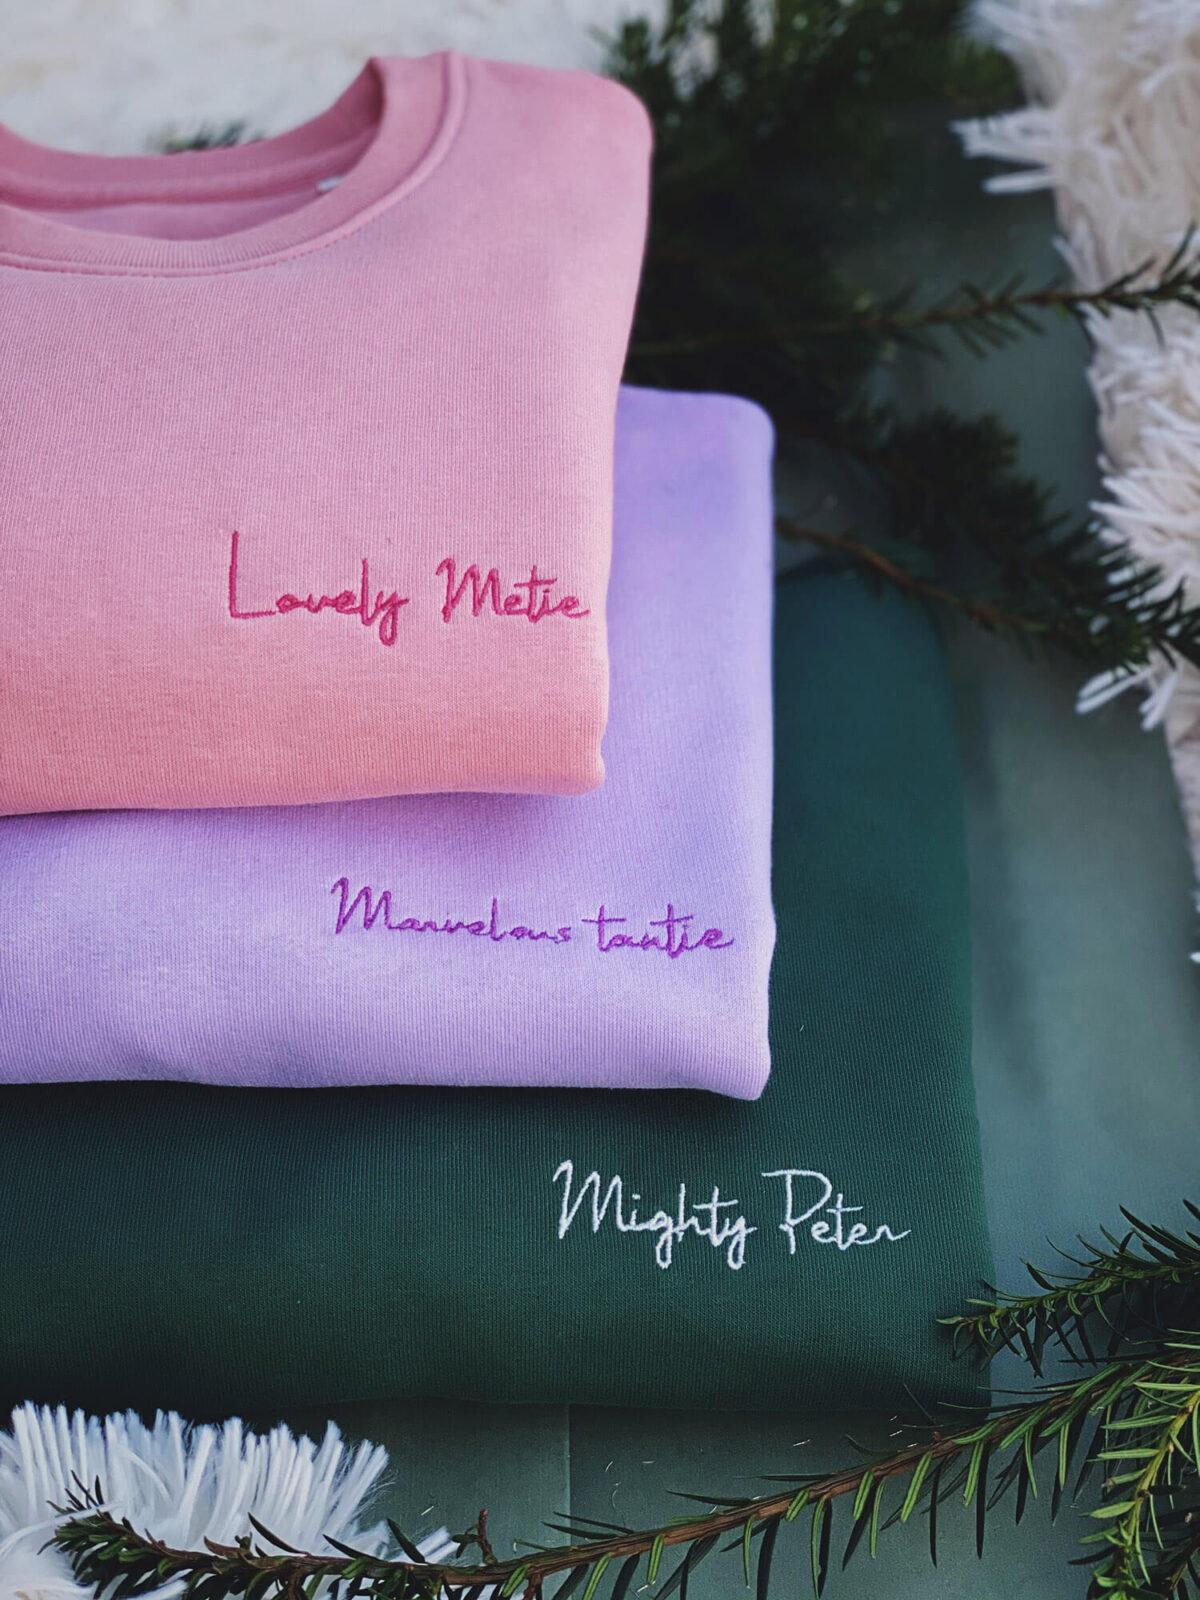 Mighty Peter, Marvelous tantie & Lovely Metie personalisatie sweater bij Mangos on Monday